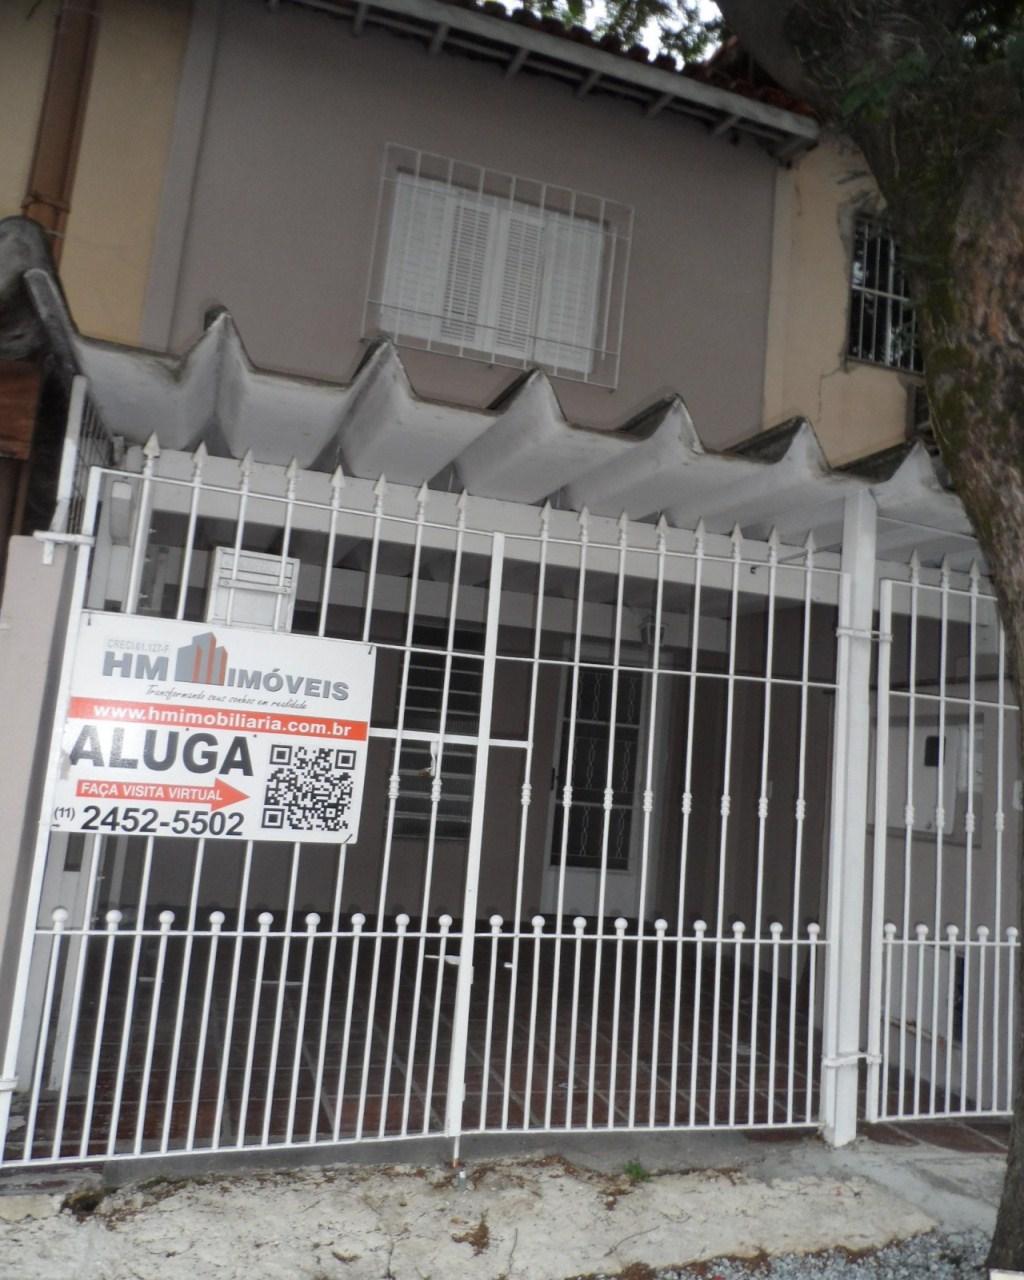 Aluga-se Sobrado 3 dormitórios, 1 vaga, 2 banheiros, no Santa Mena